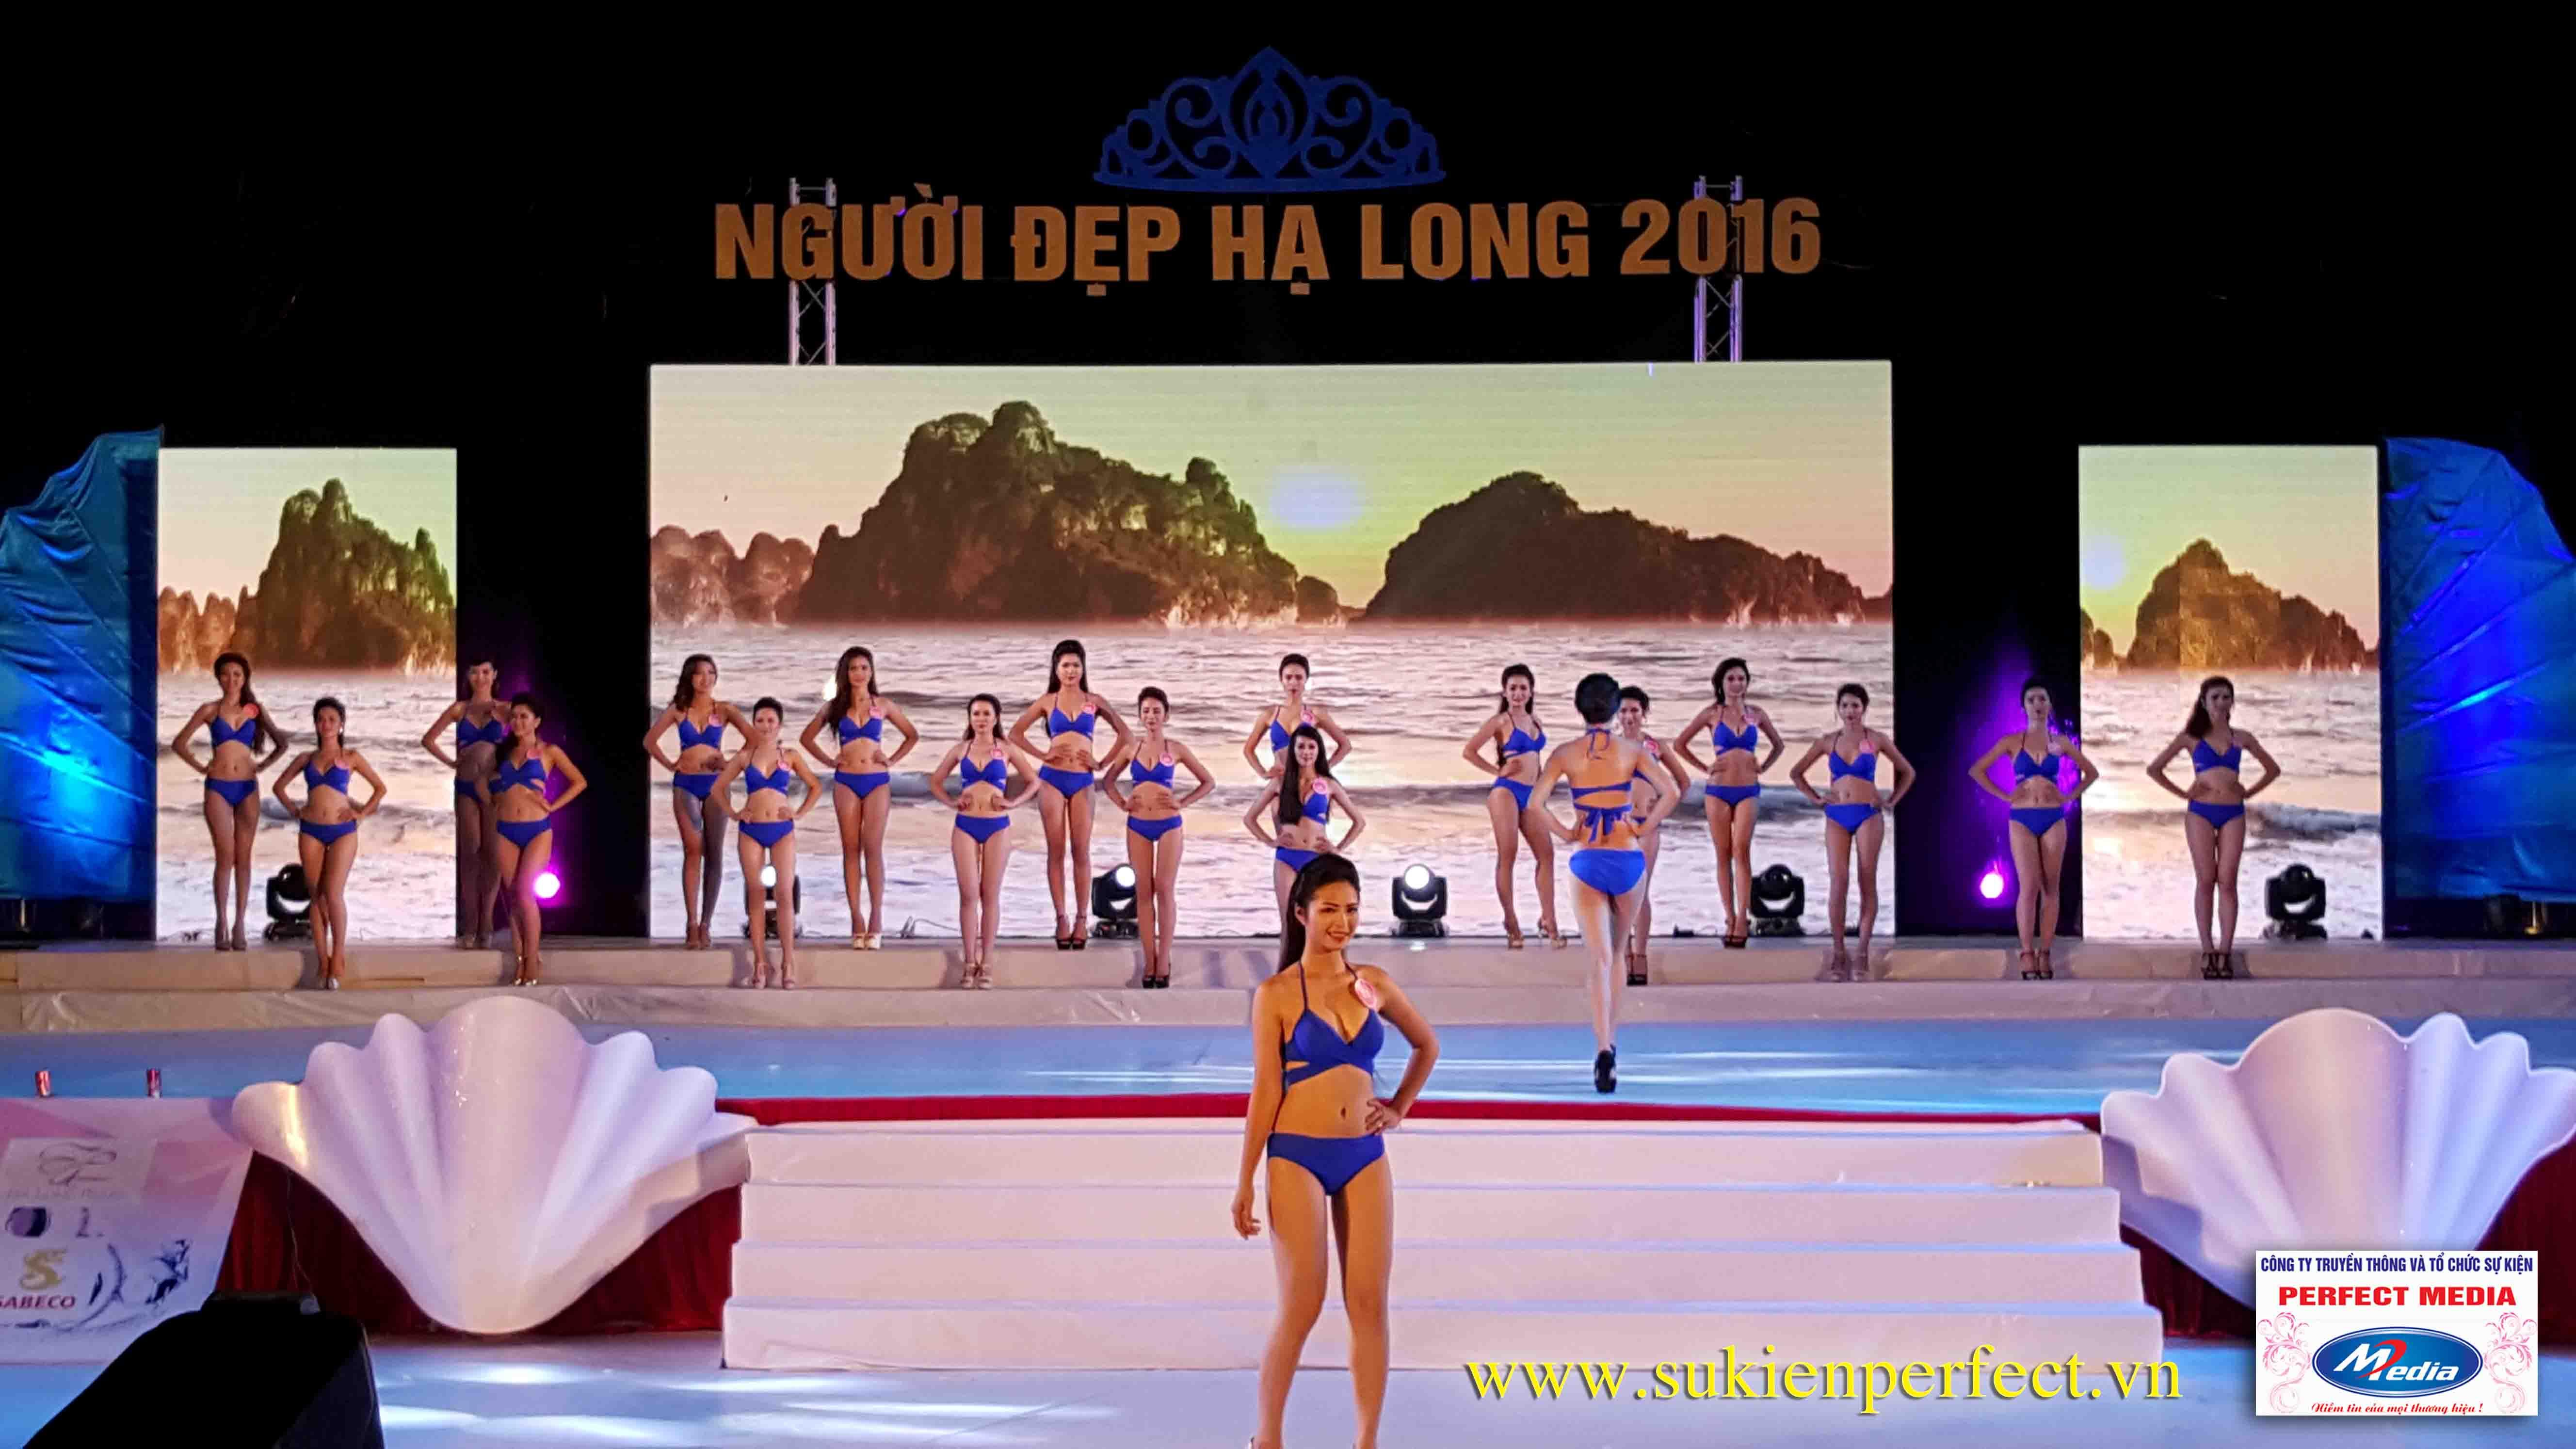 Hình ảnh các người đẹp trong chương trình Người đẹp Hạ Long 2016 – Bikini 08